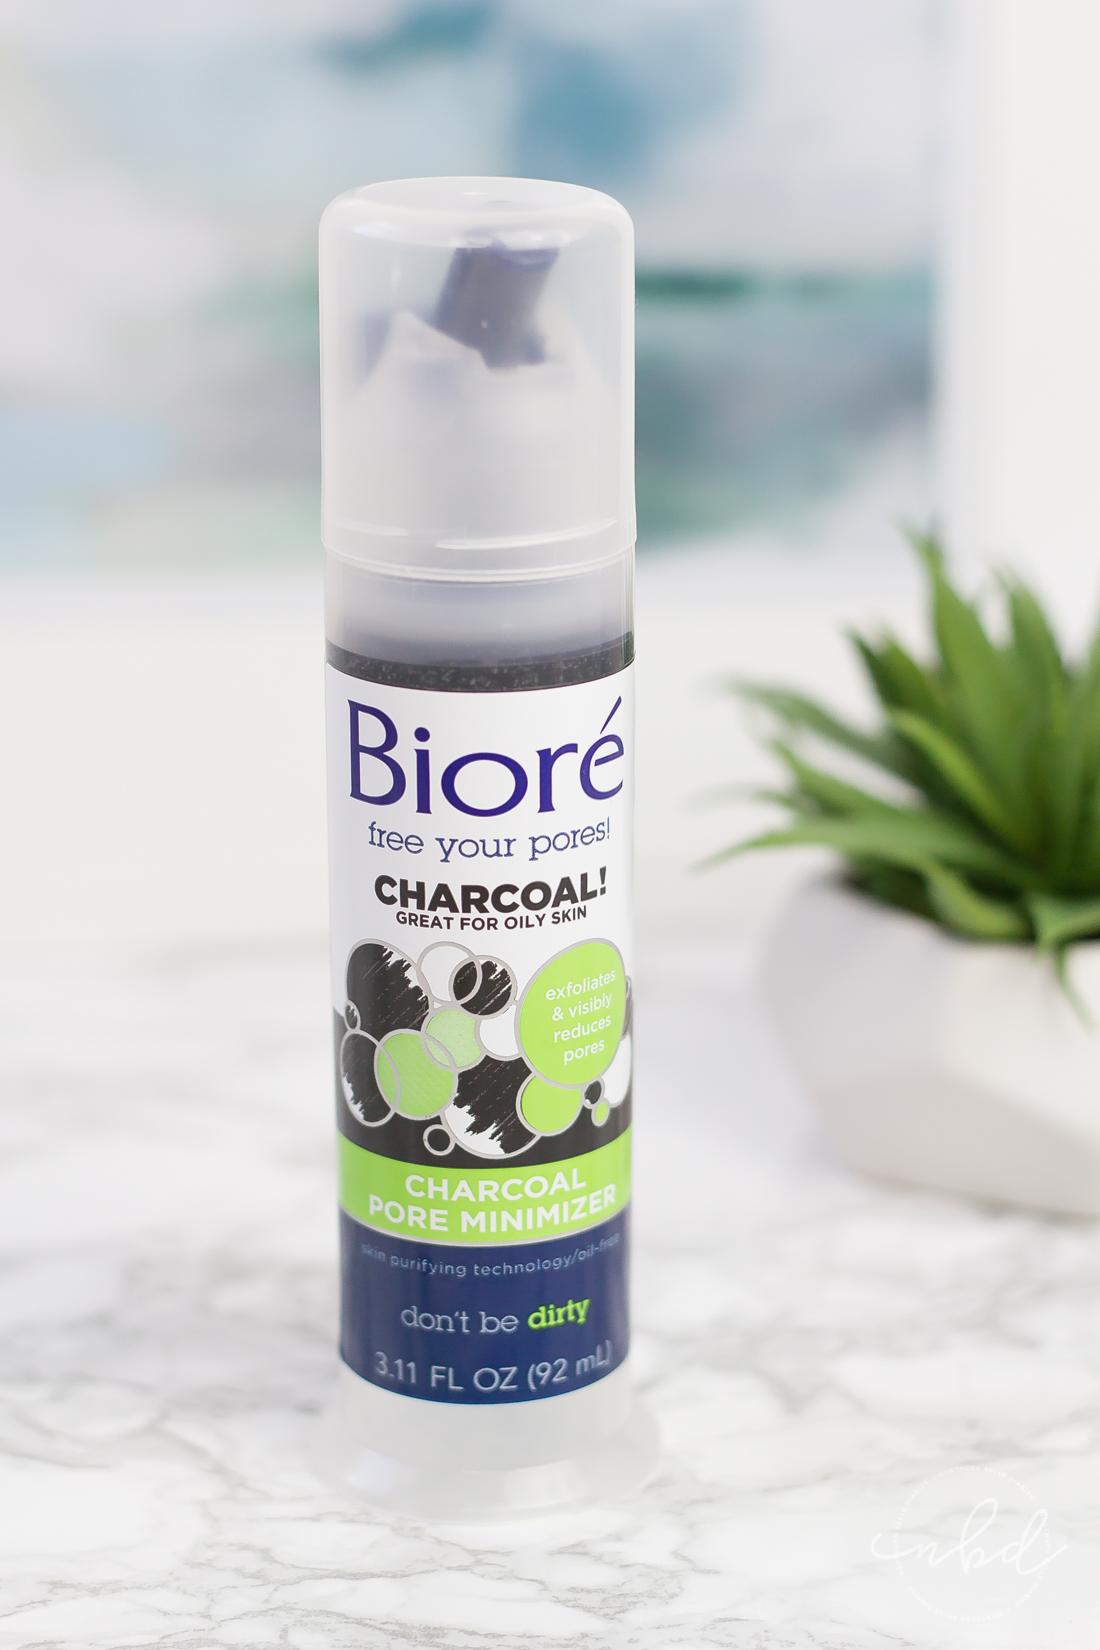 Anti-Aging Skincare for Acne-Prone Skin   La La Lisette   Bioré Charcoal Pore Minimizer